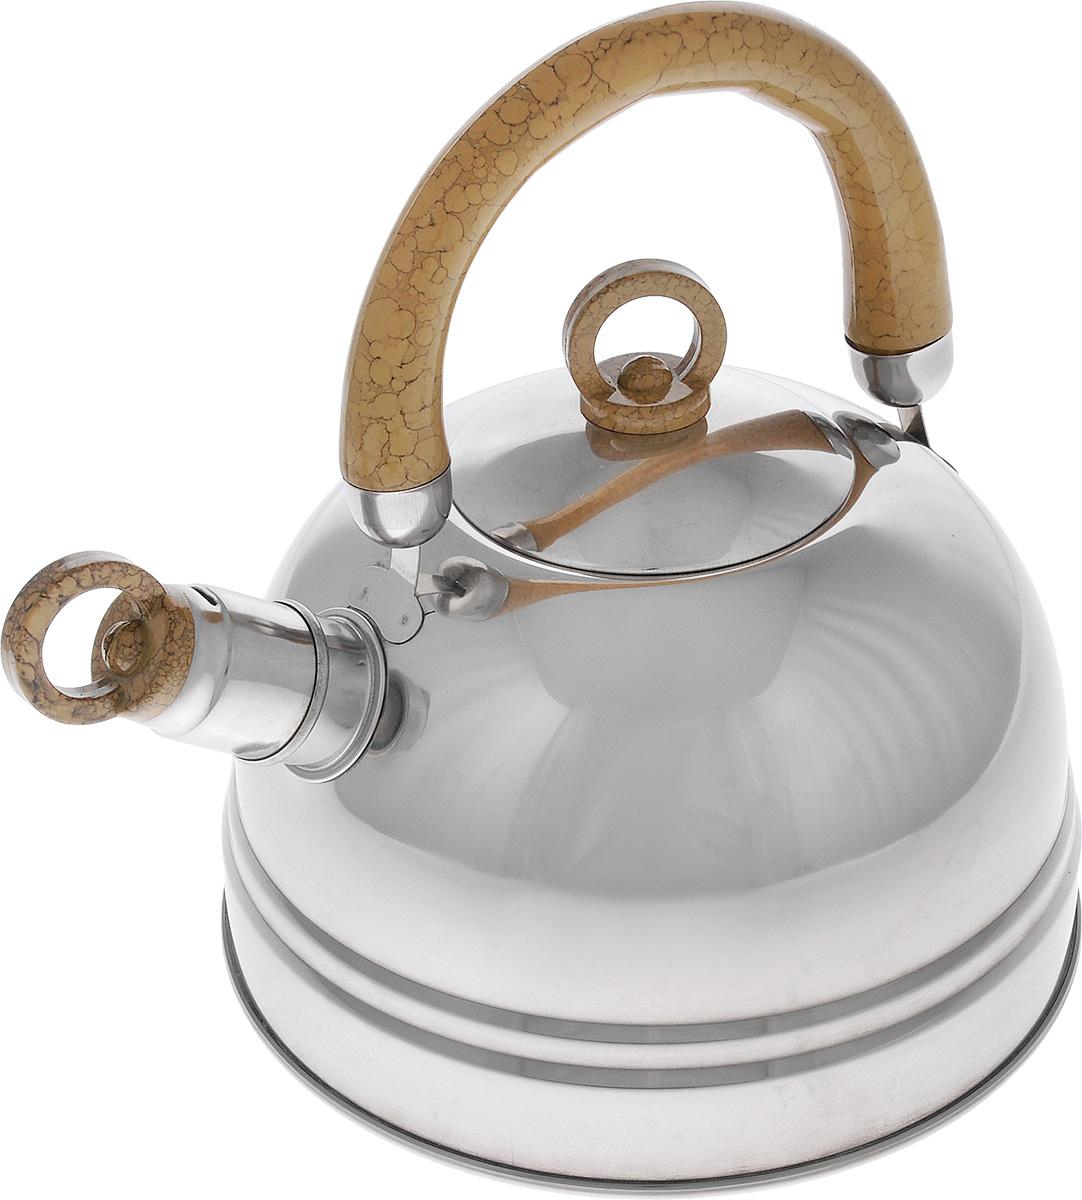 Чайник Bekker Koch, со свистком, цвет: светло-коричневый, 2,5 л. BK-S367M54 009312Чайник Bekker Koch изготовлен из высококачественной нержавеющей стали с зеркальной полировкой. Капсулированное дно распределяет тепло по всей поверхности, что позволяет чайнику быстро закипать. Эргономичная подвижная ручка выполнена из бакелита оригинального дизайна. Носик оснащен съемным свистком, который подскажет, когда вода закипела. Можно мыть мыть в посудомоечной машине.Толщина стенок: 0,4 мм.Высота чайника (без учета ручки): 12 см. Высота чайника (с учетом ручки): 22,5 см.